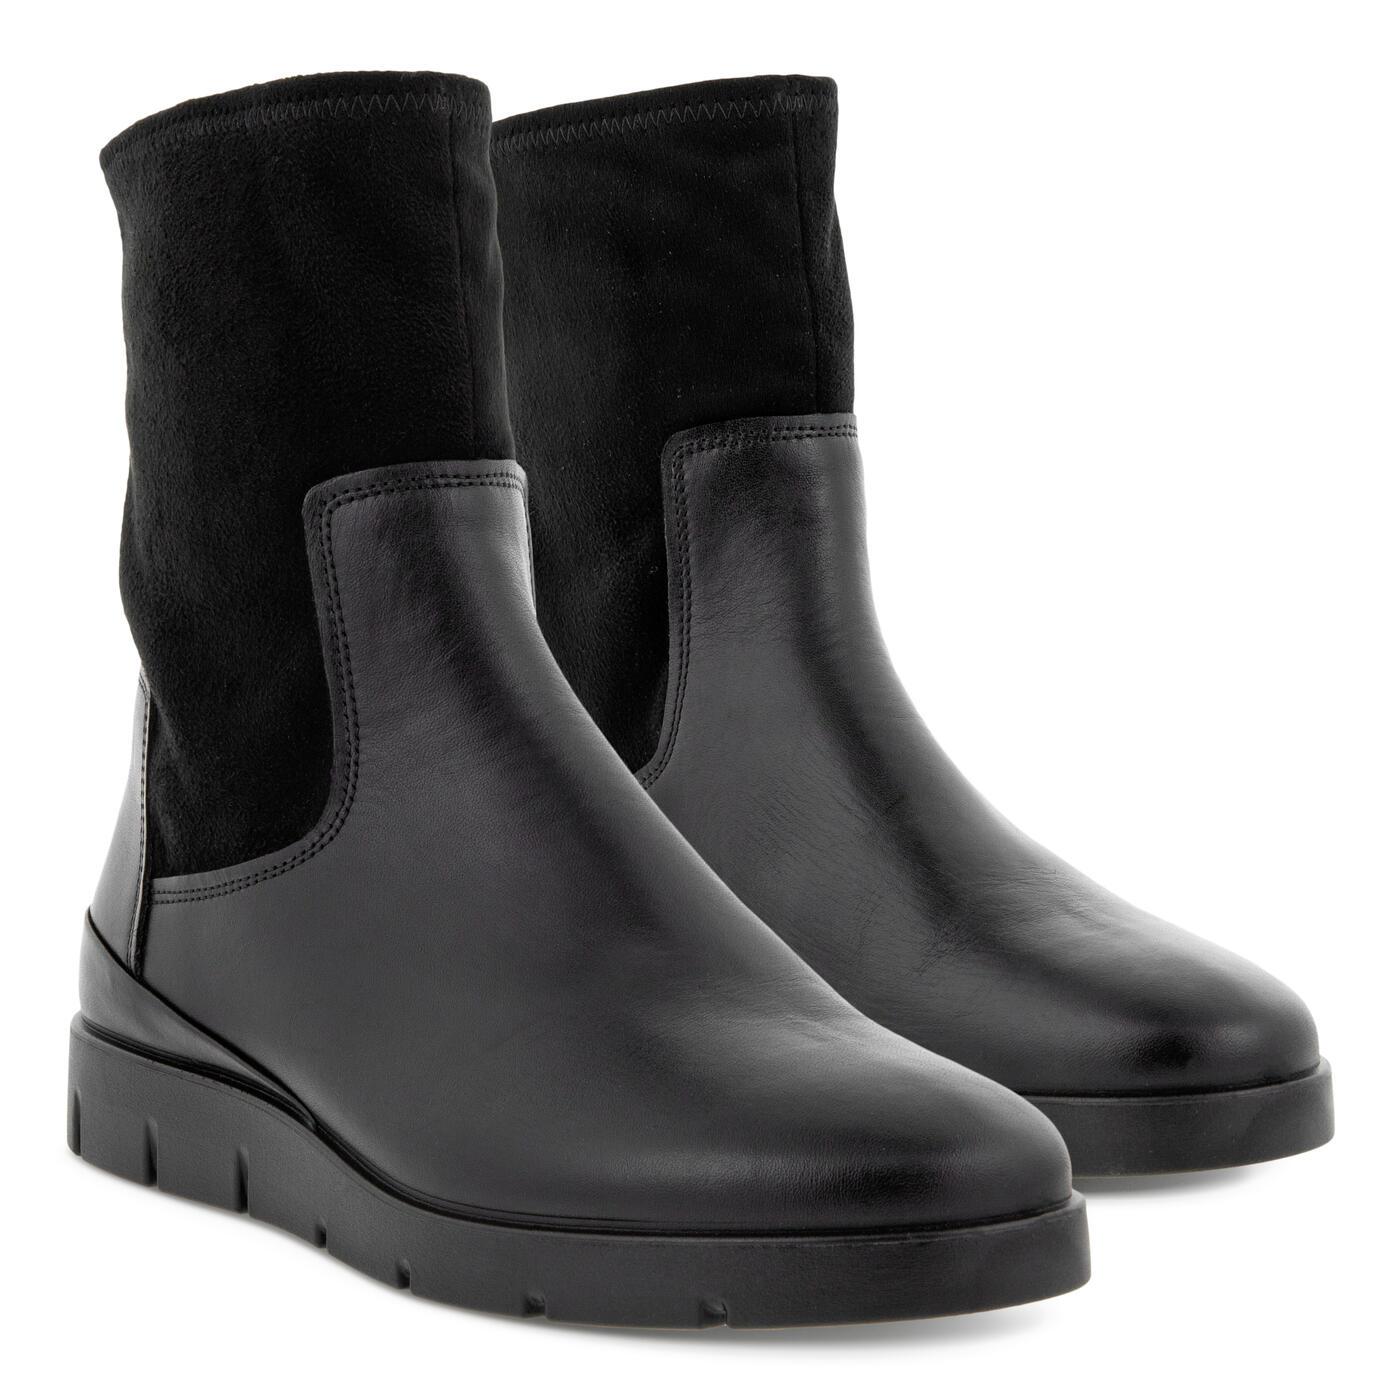 内衬保暖薄绒,超柔软ECCO秋冬靴子限时6折!